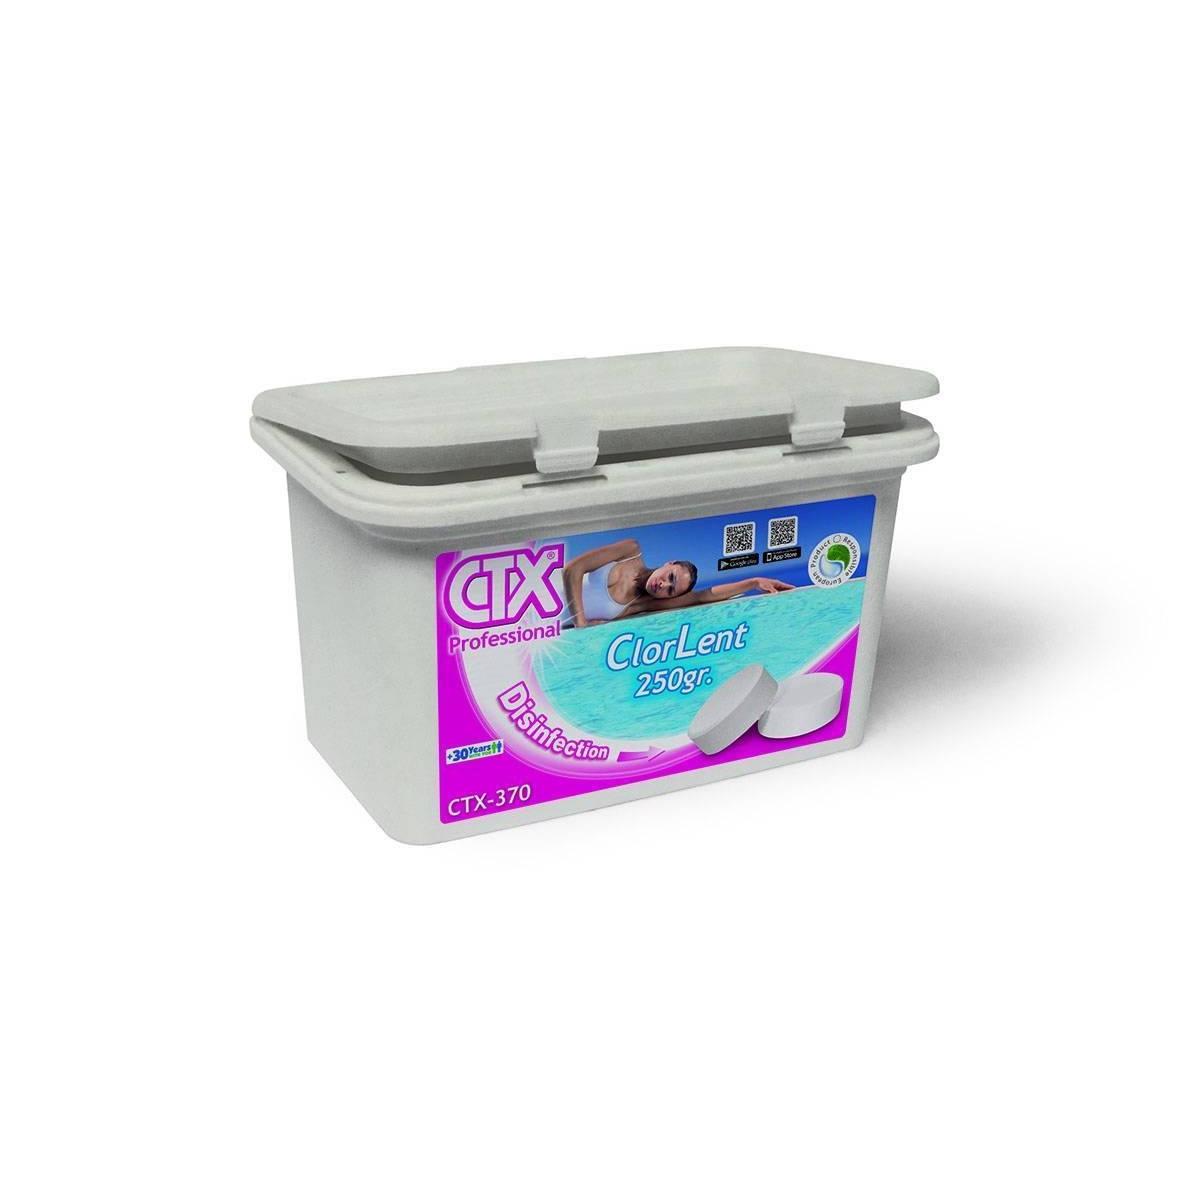 CTX-370 ClorLent